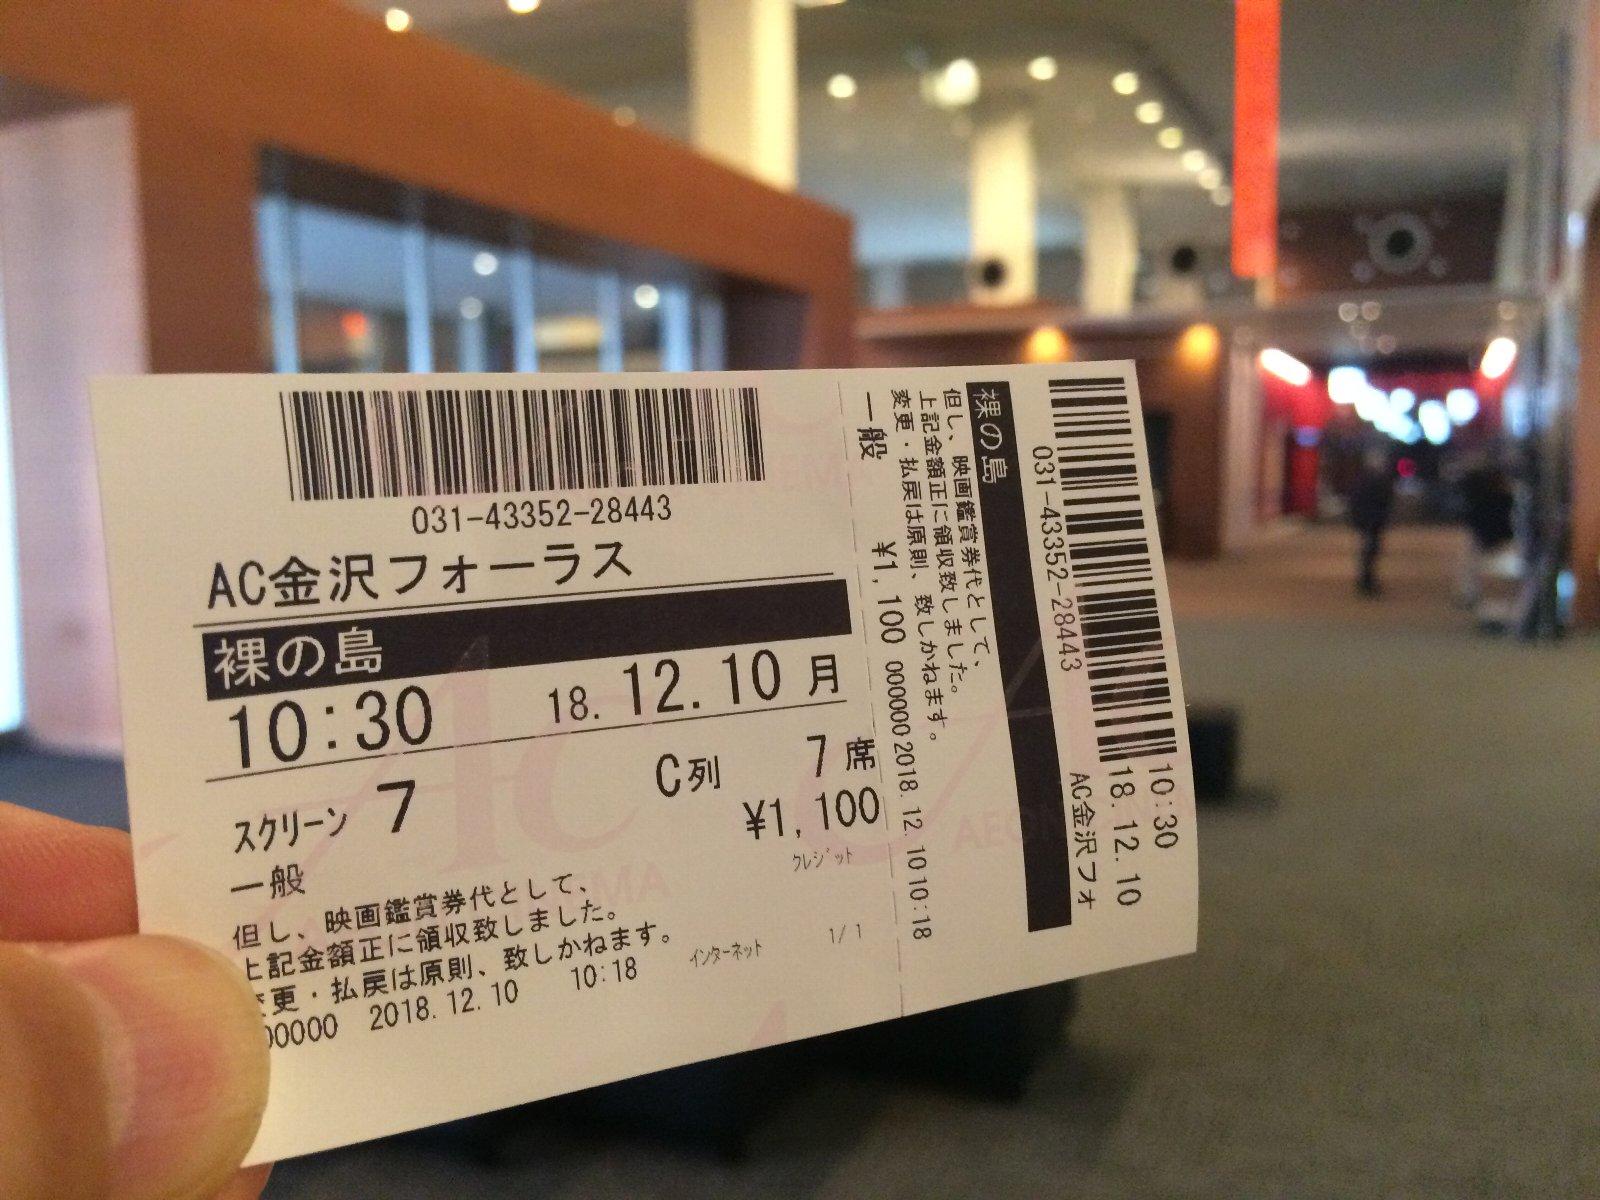 『裸の島』チケット